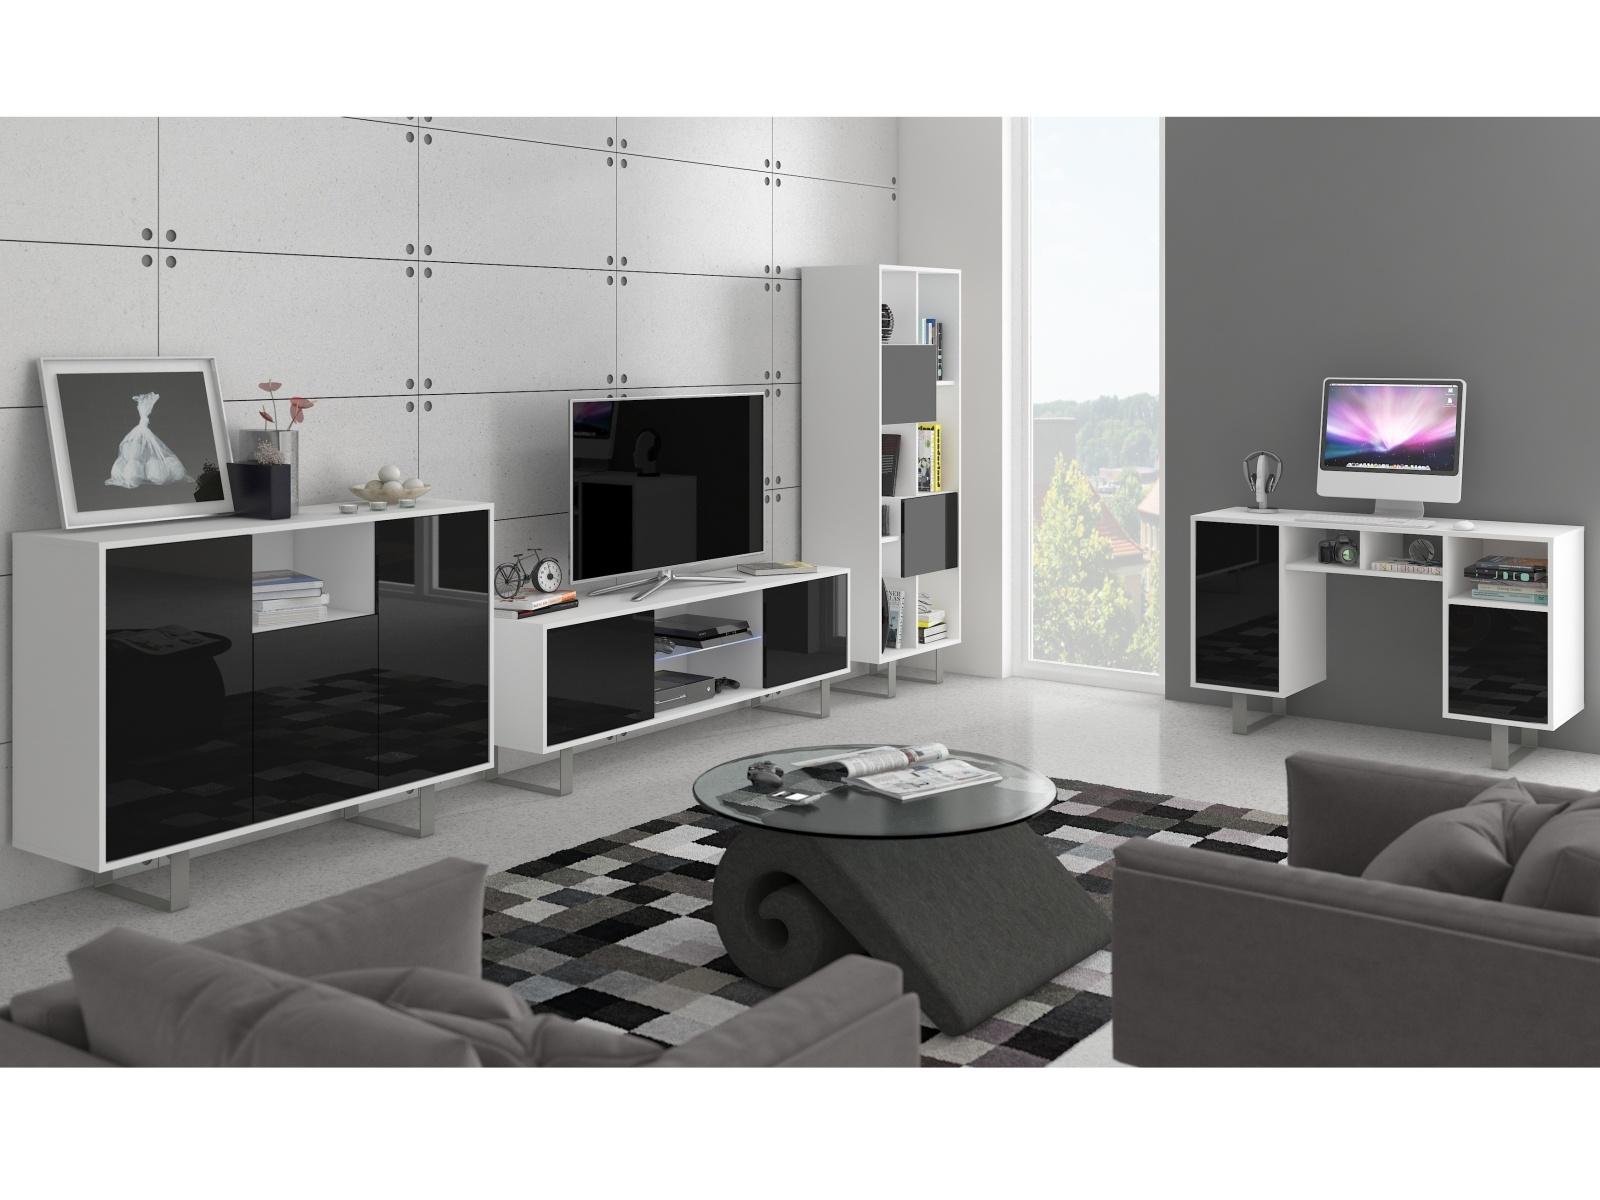 MORAVIA FLAT KING obývací pokoj - sestava 2, bílá/černý lesk